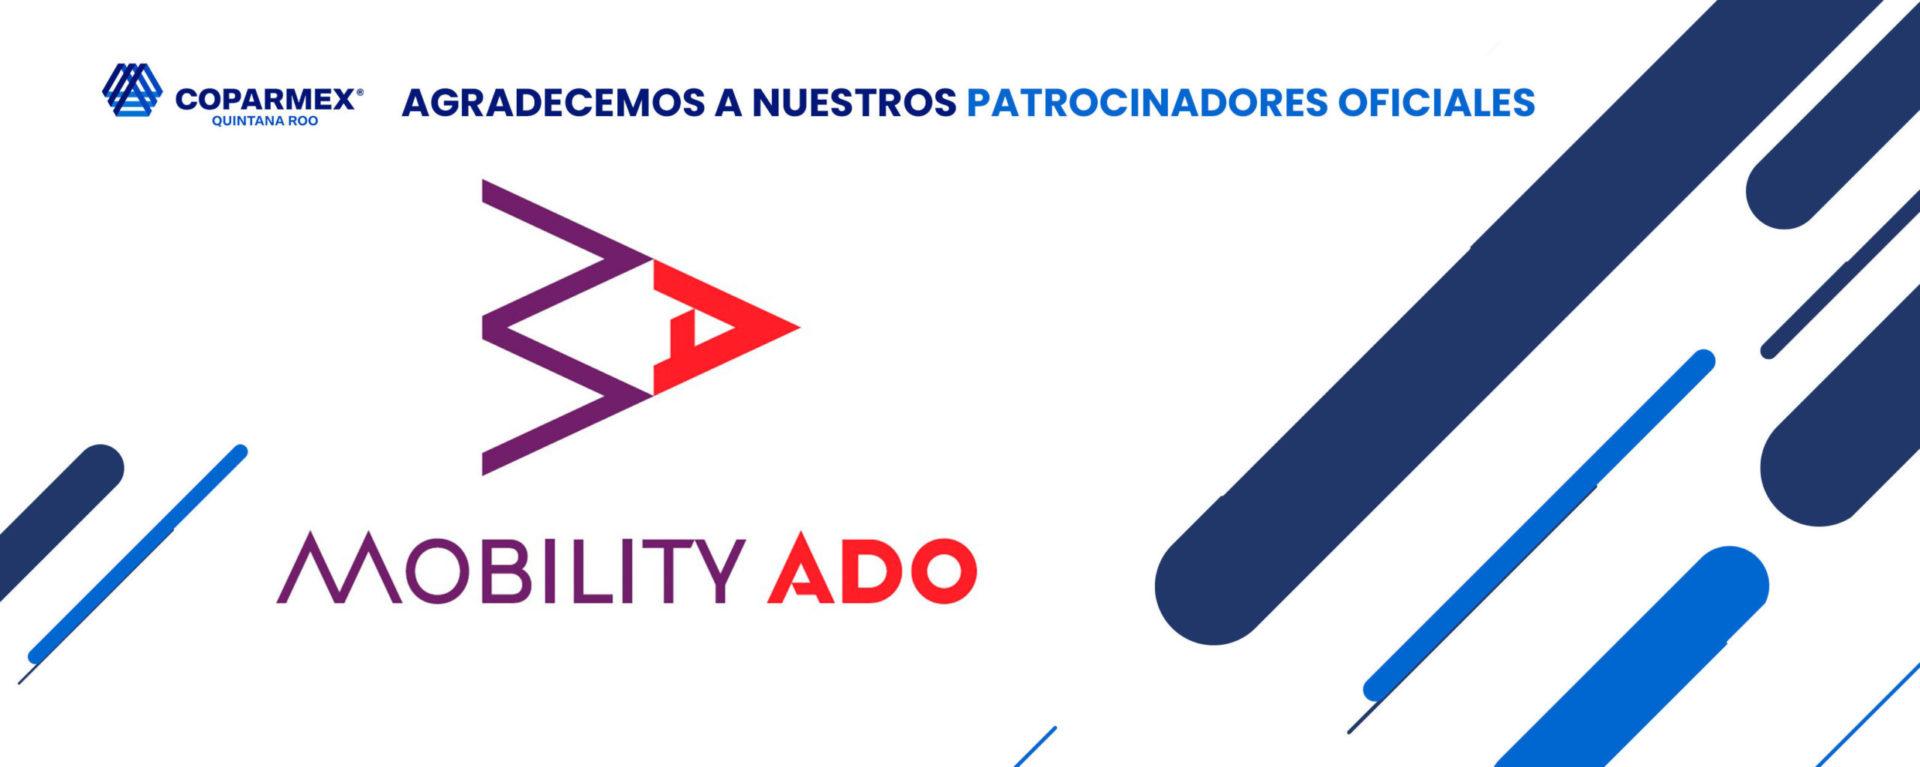 movility-ado